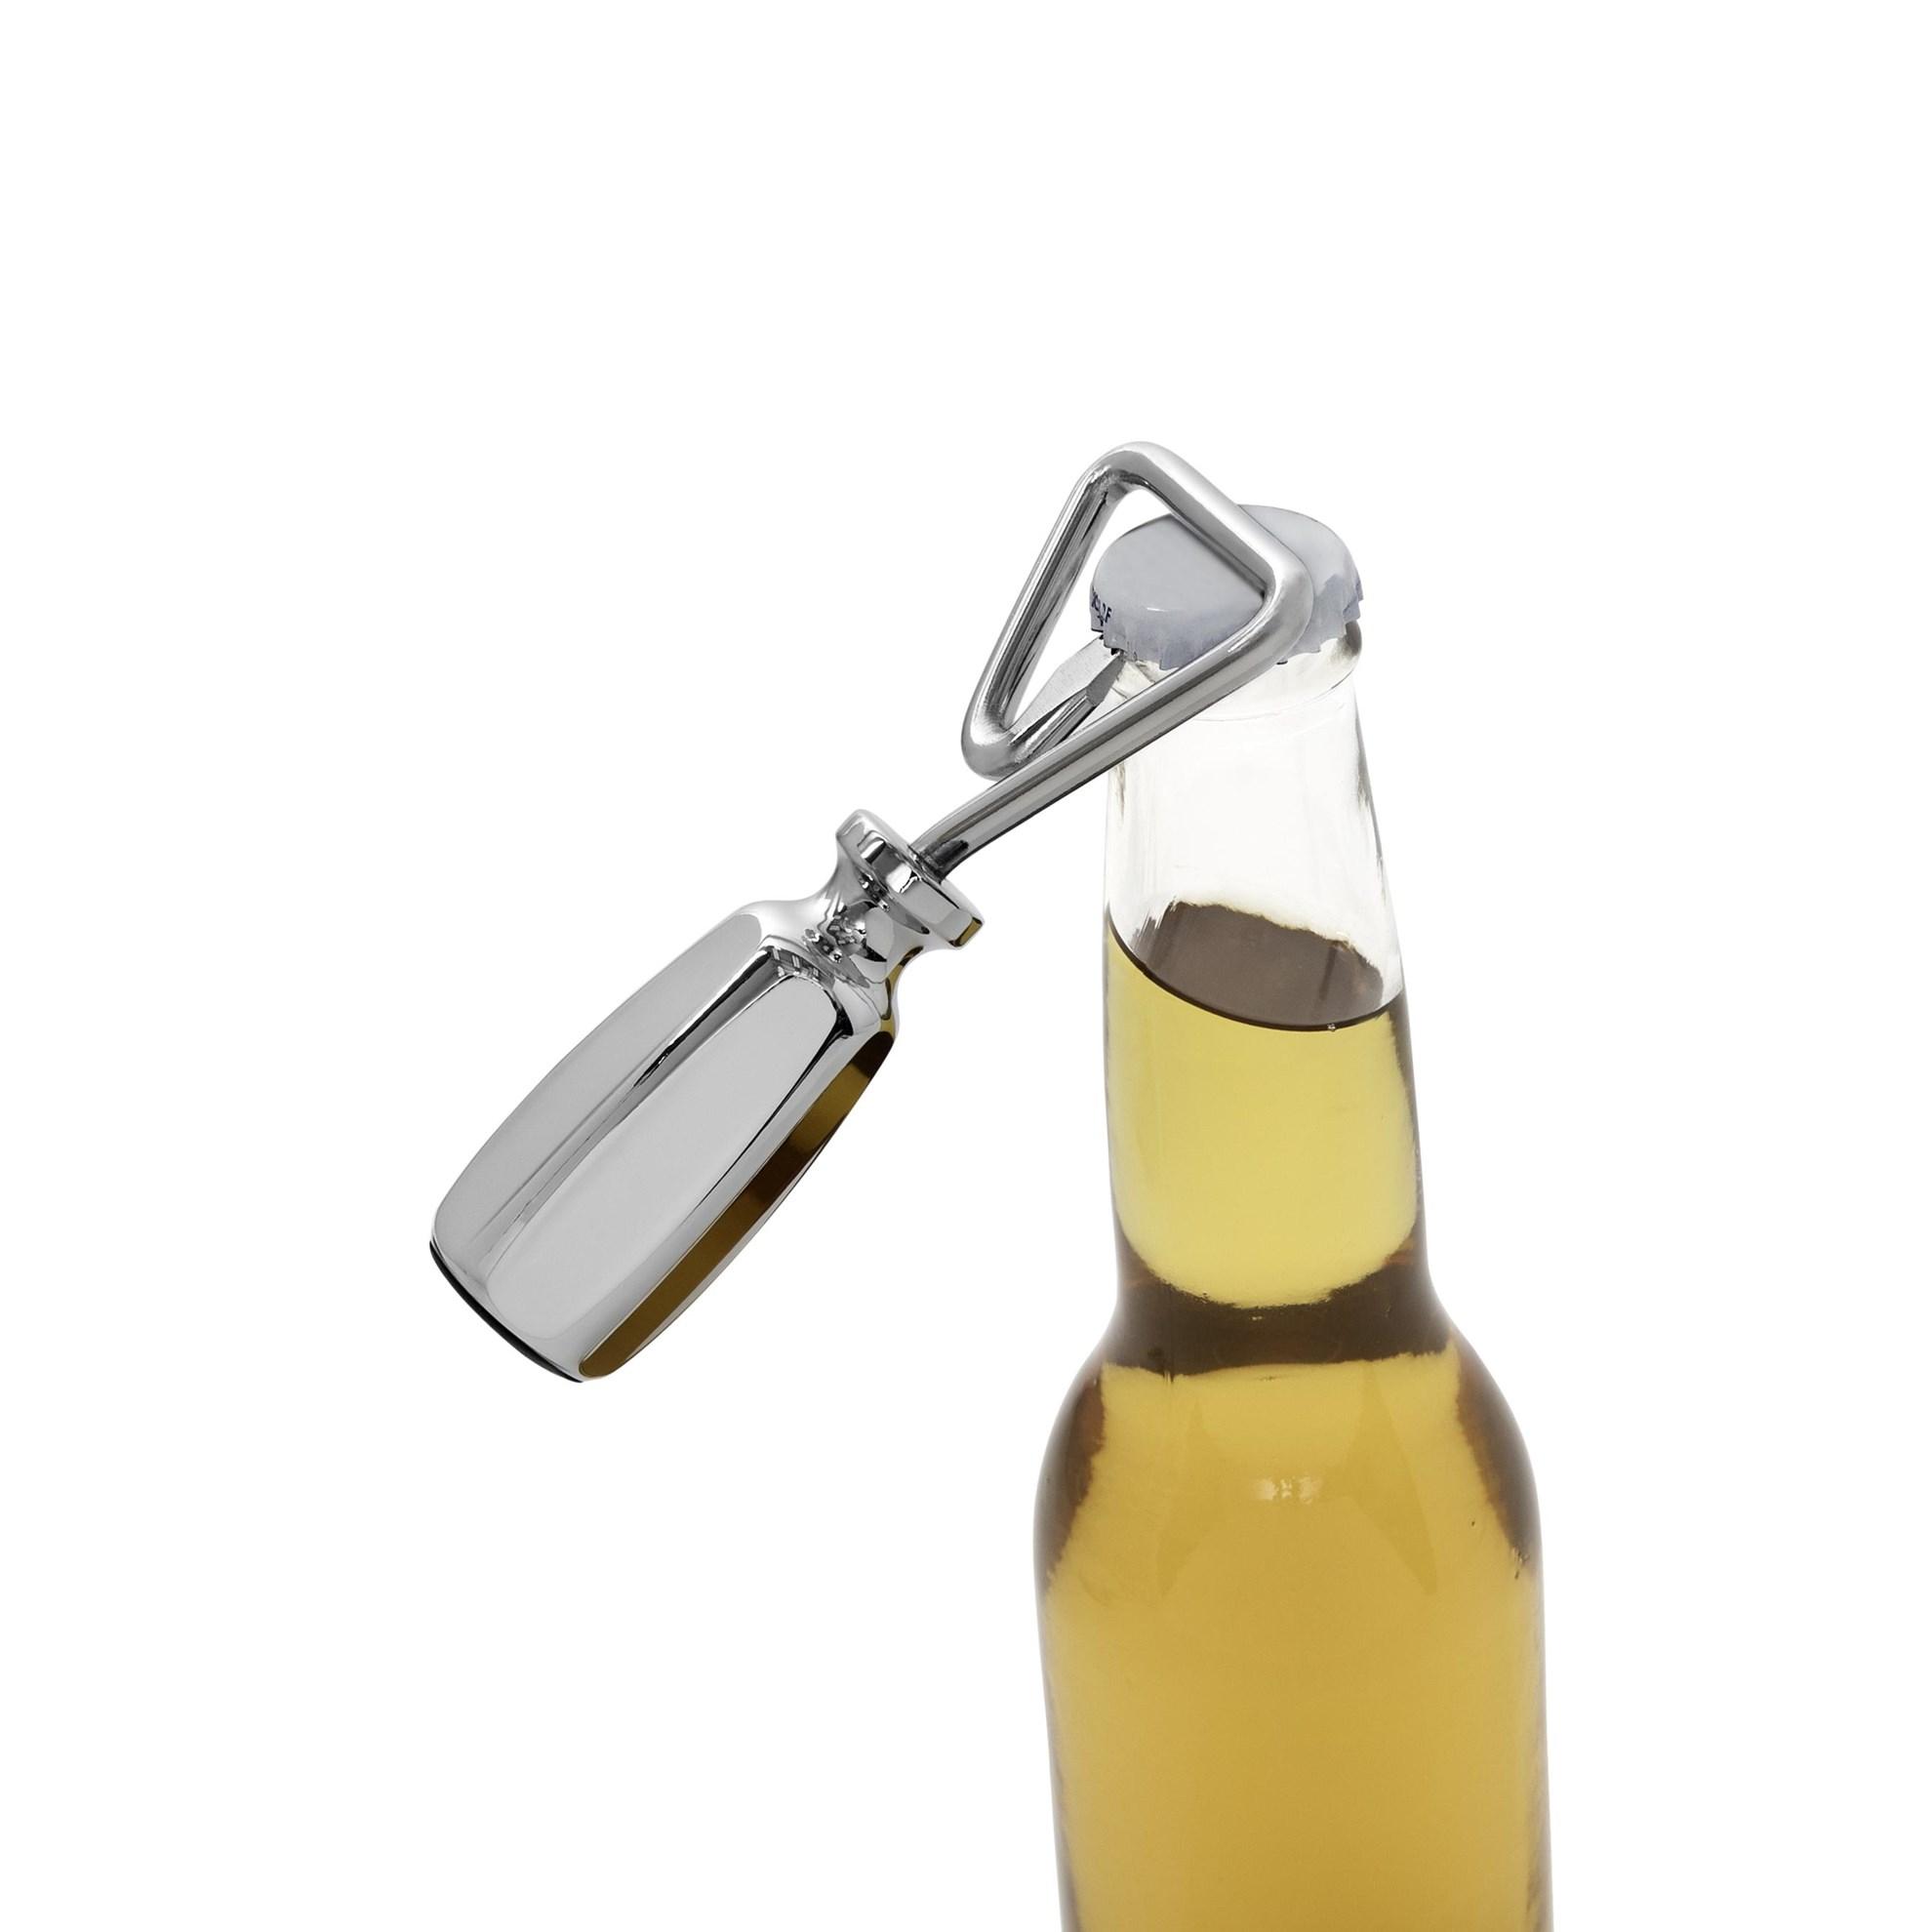 Otvírák na láhve TOOLA chrom_3